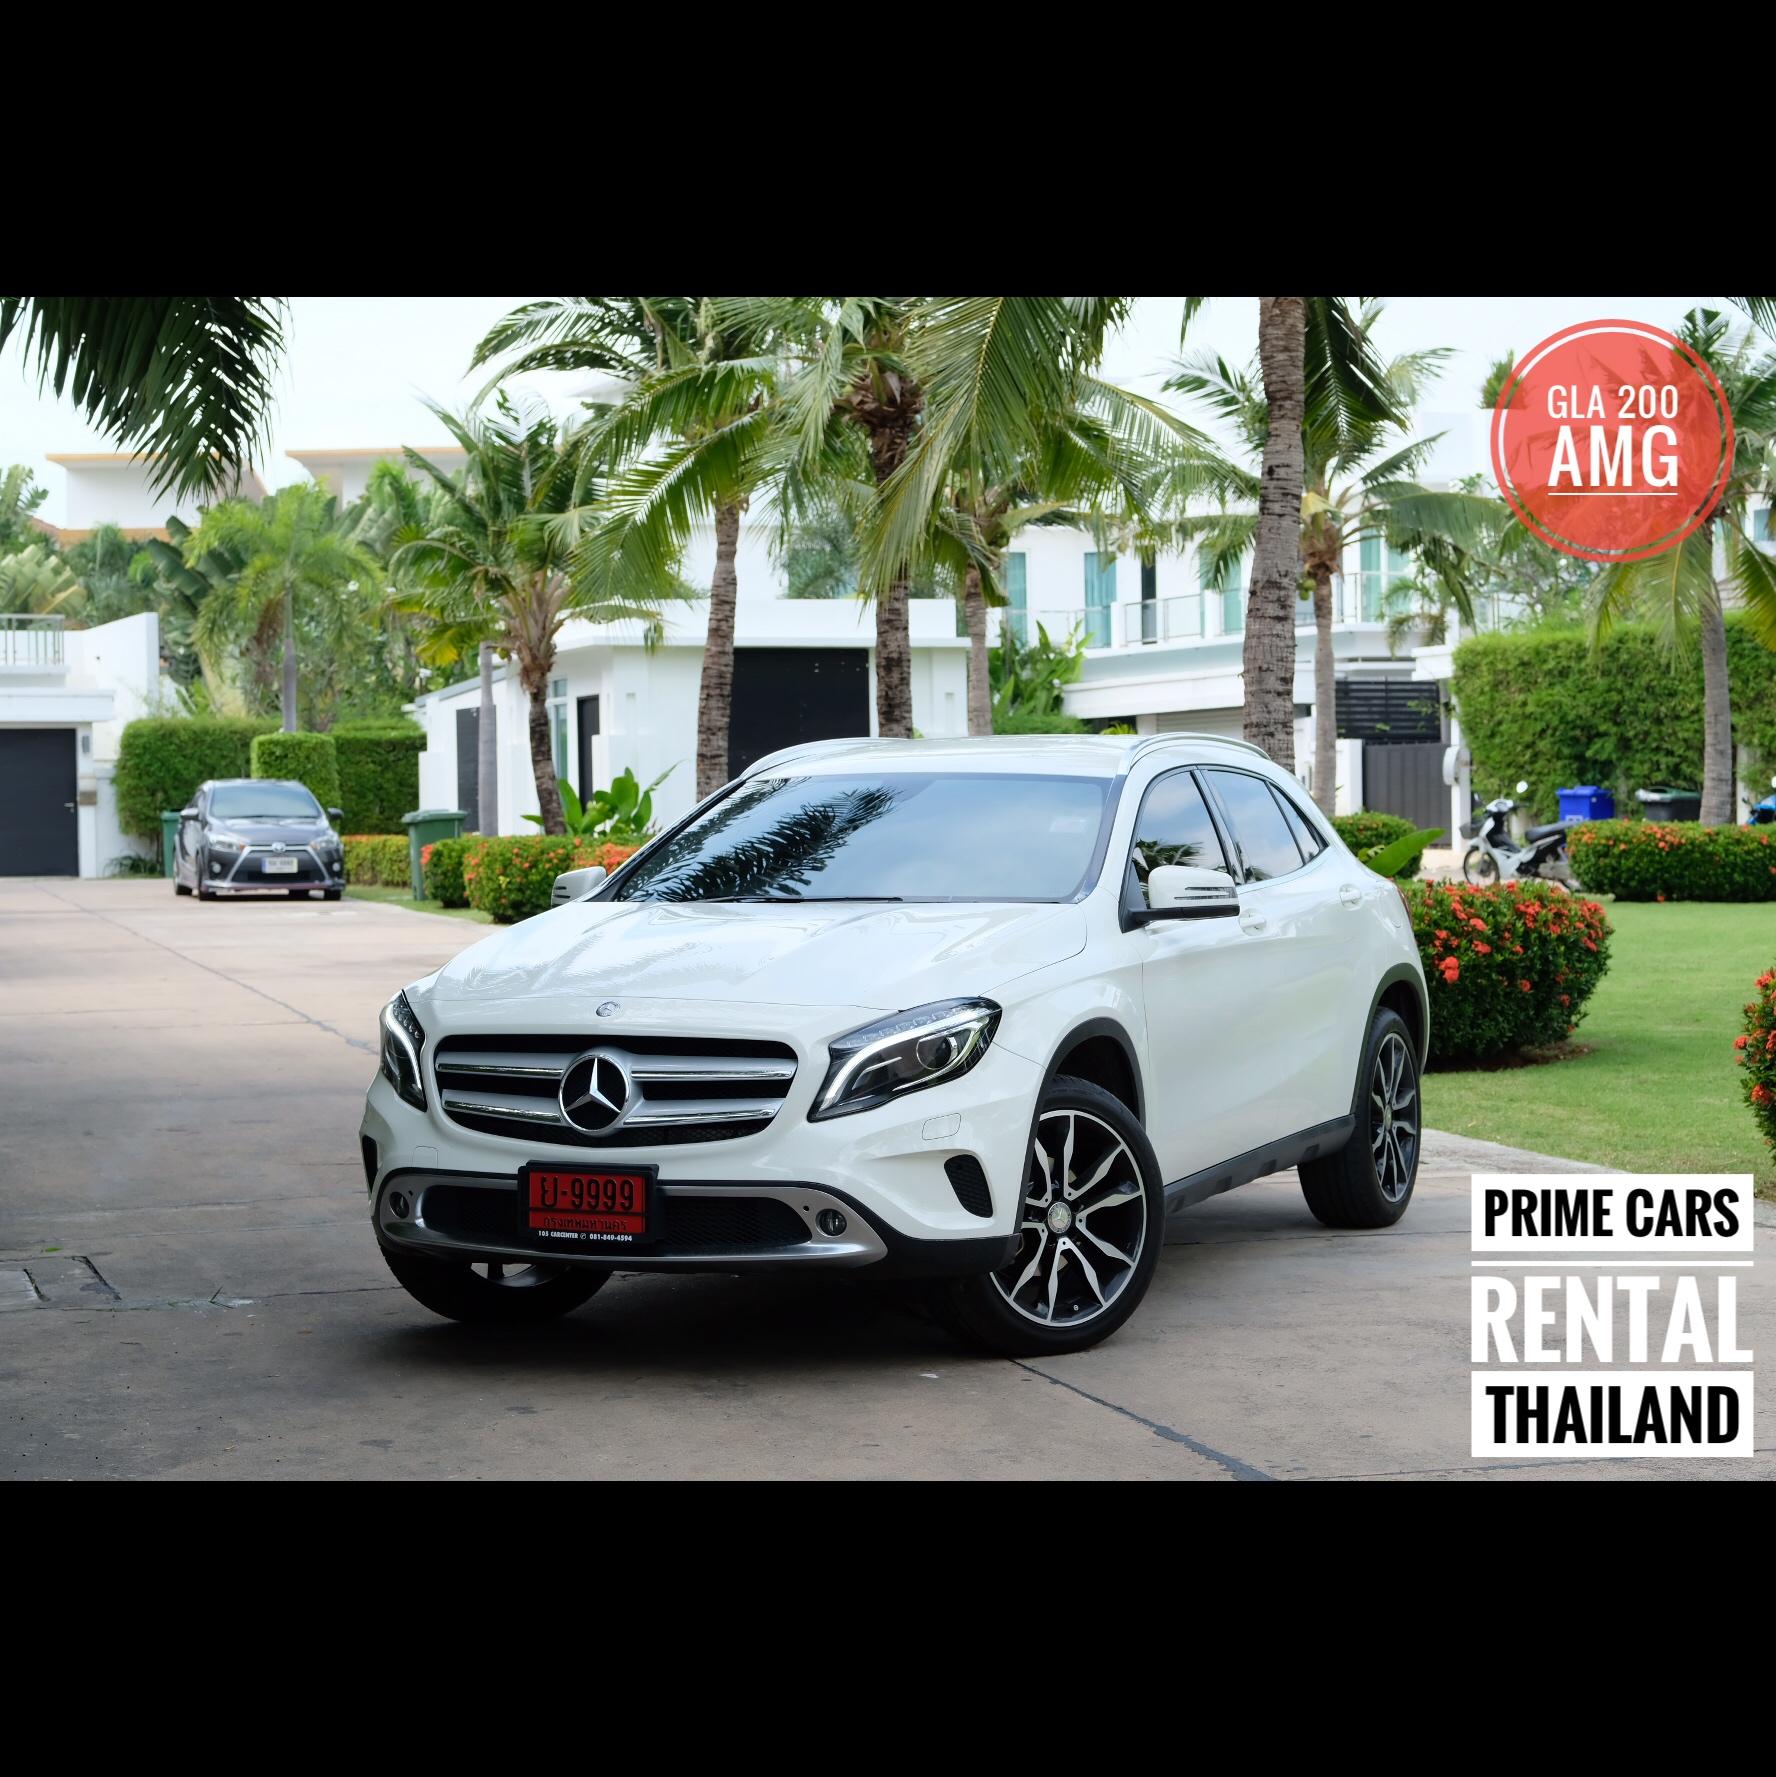 Benz gla250amg prime cars rental for Prime motor cars mercedes benz